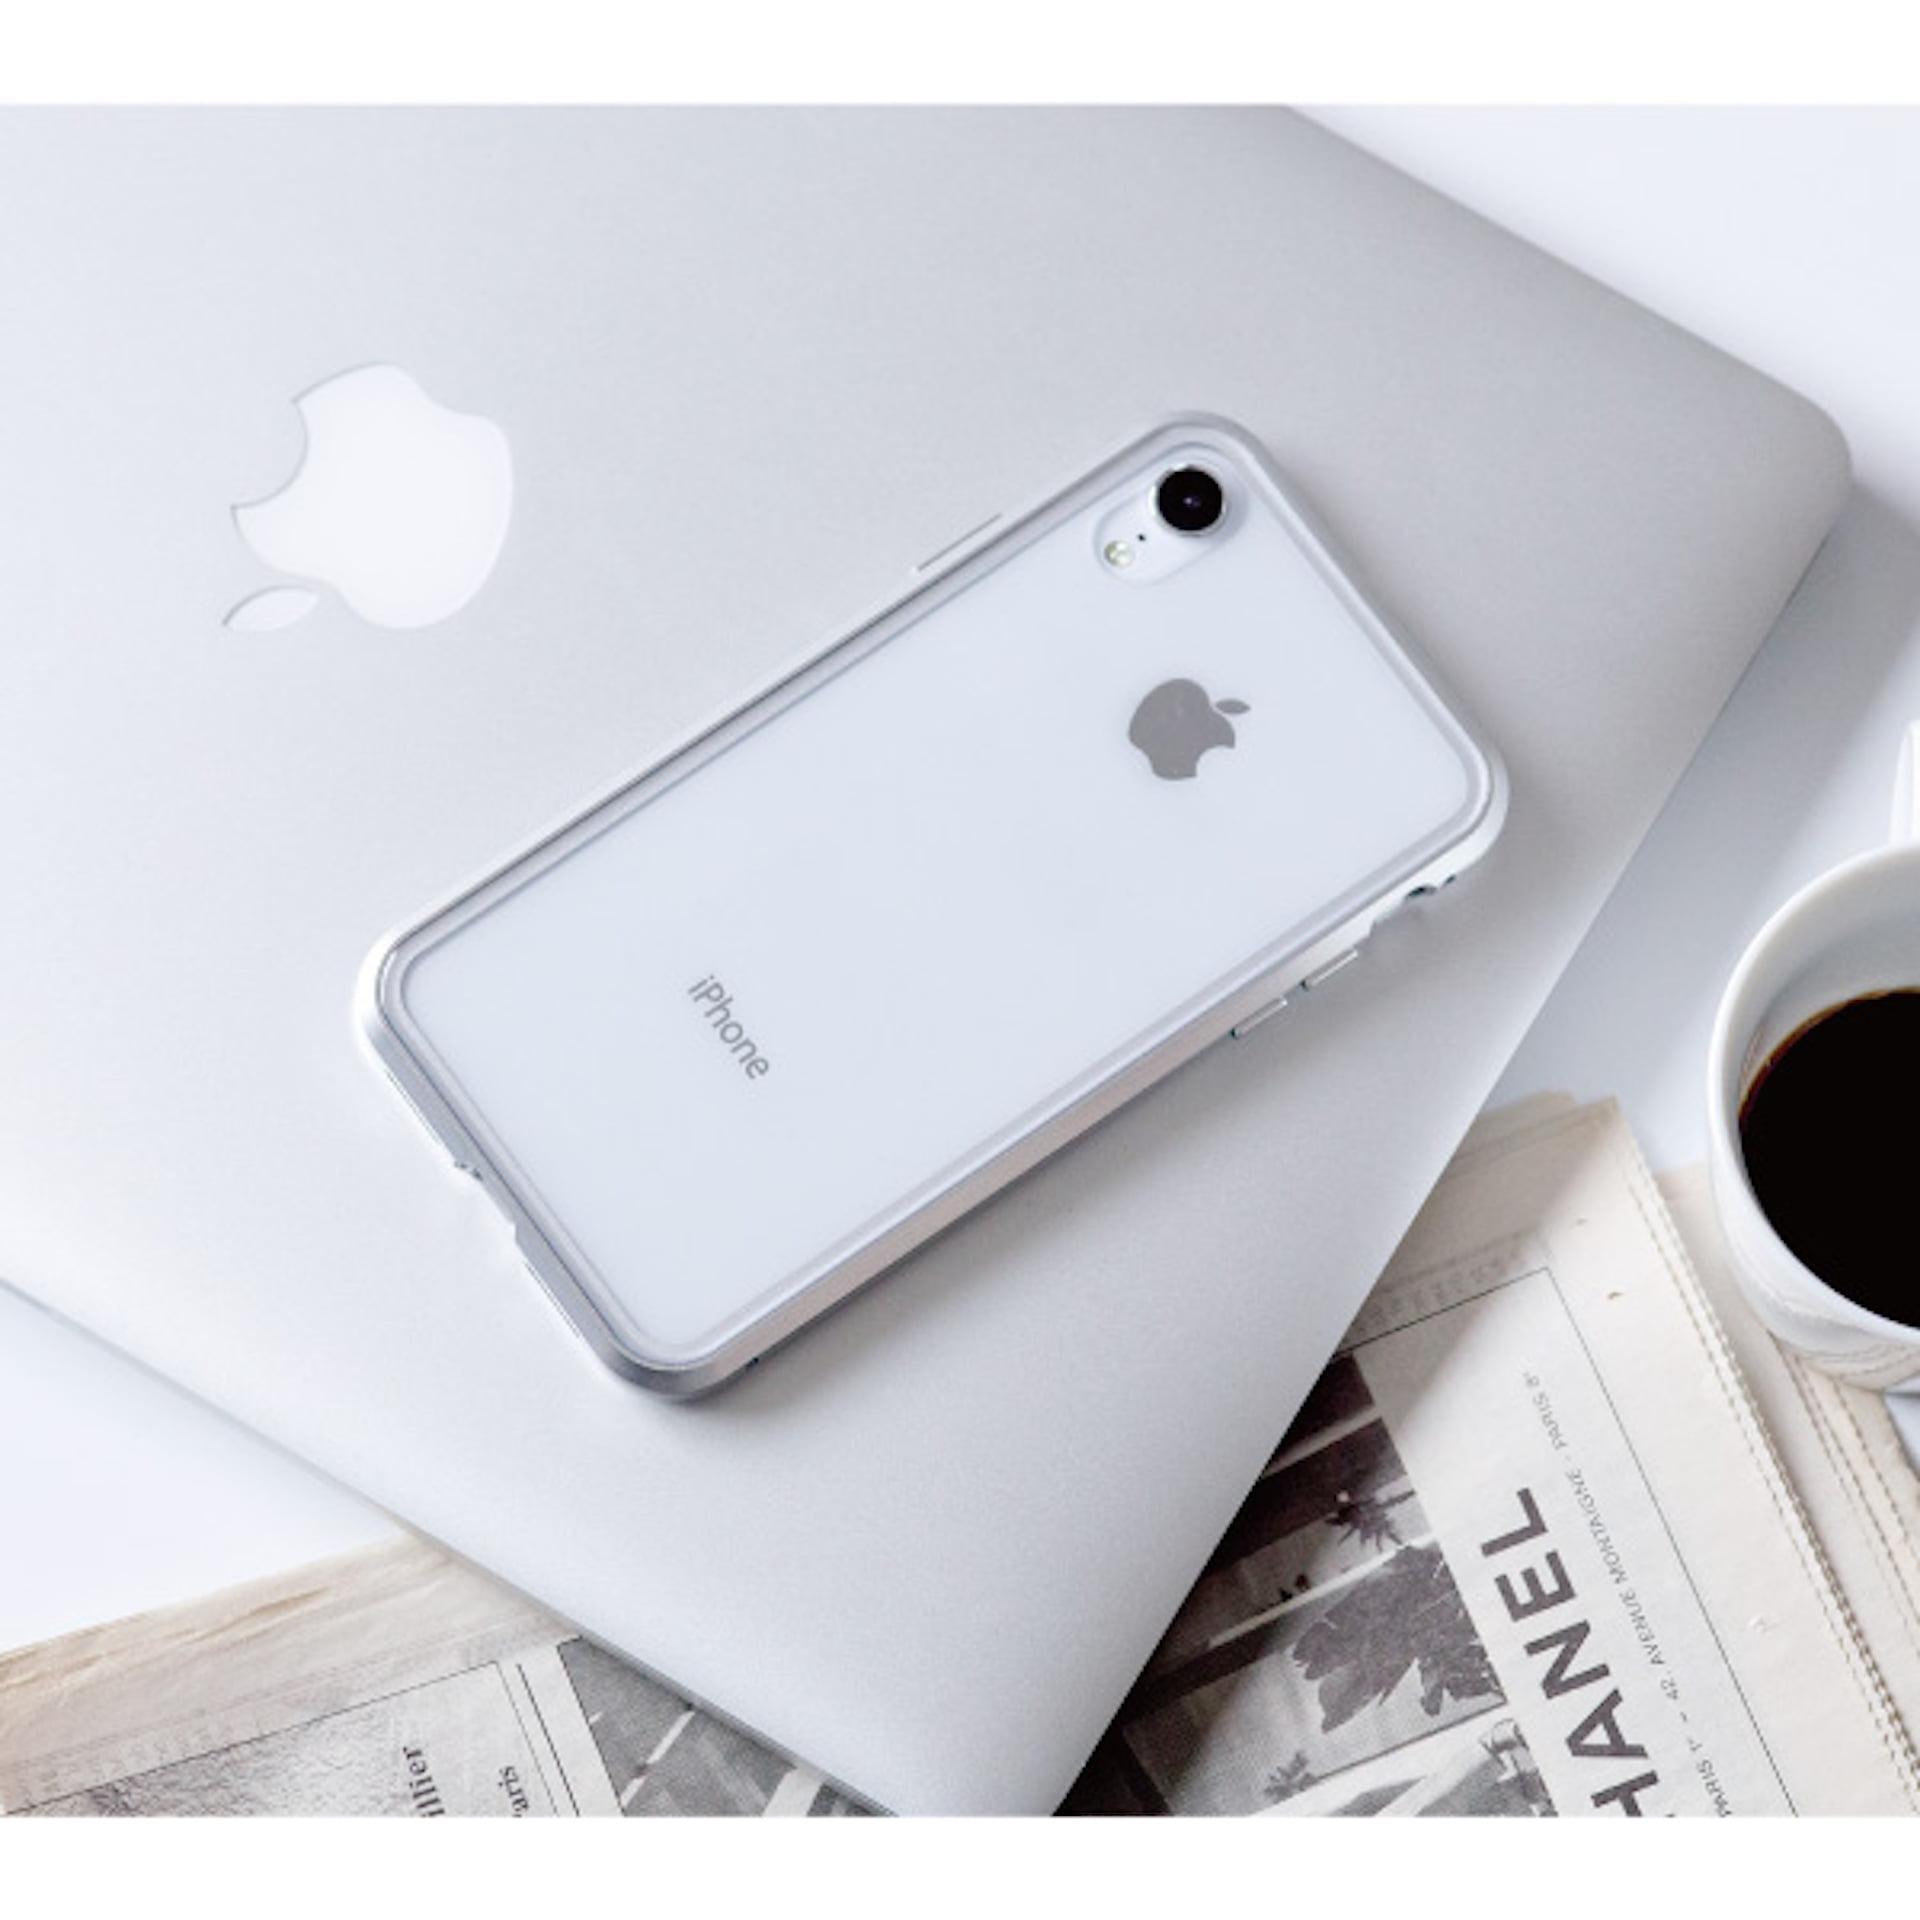 ハンマーでも割れないiPhoneケースが登場|頑強かつ軽量な「MAGNETIC ALUMINUM BUMPER CASE」発売 technology190731magnetic-iphonecase_1-1920x1920